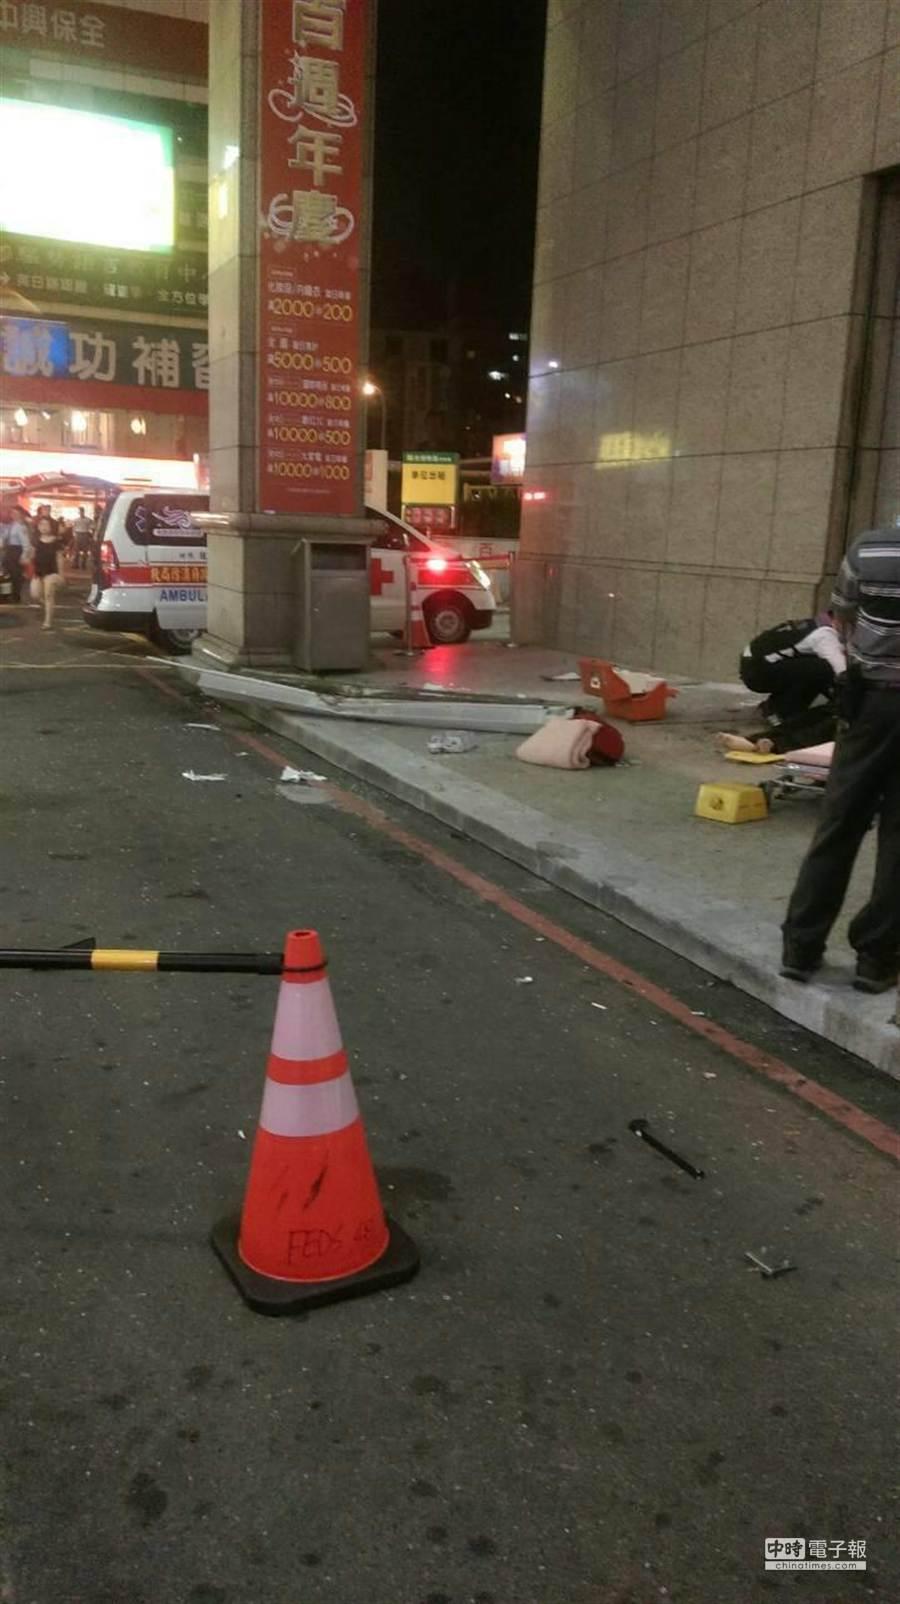 女子從百貨公司墜樓,嚇壞許多民眾。(甘嘉雯翻攝)